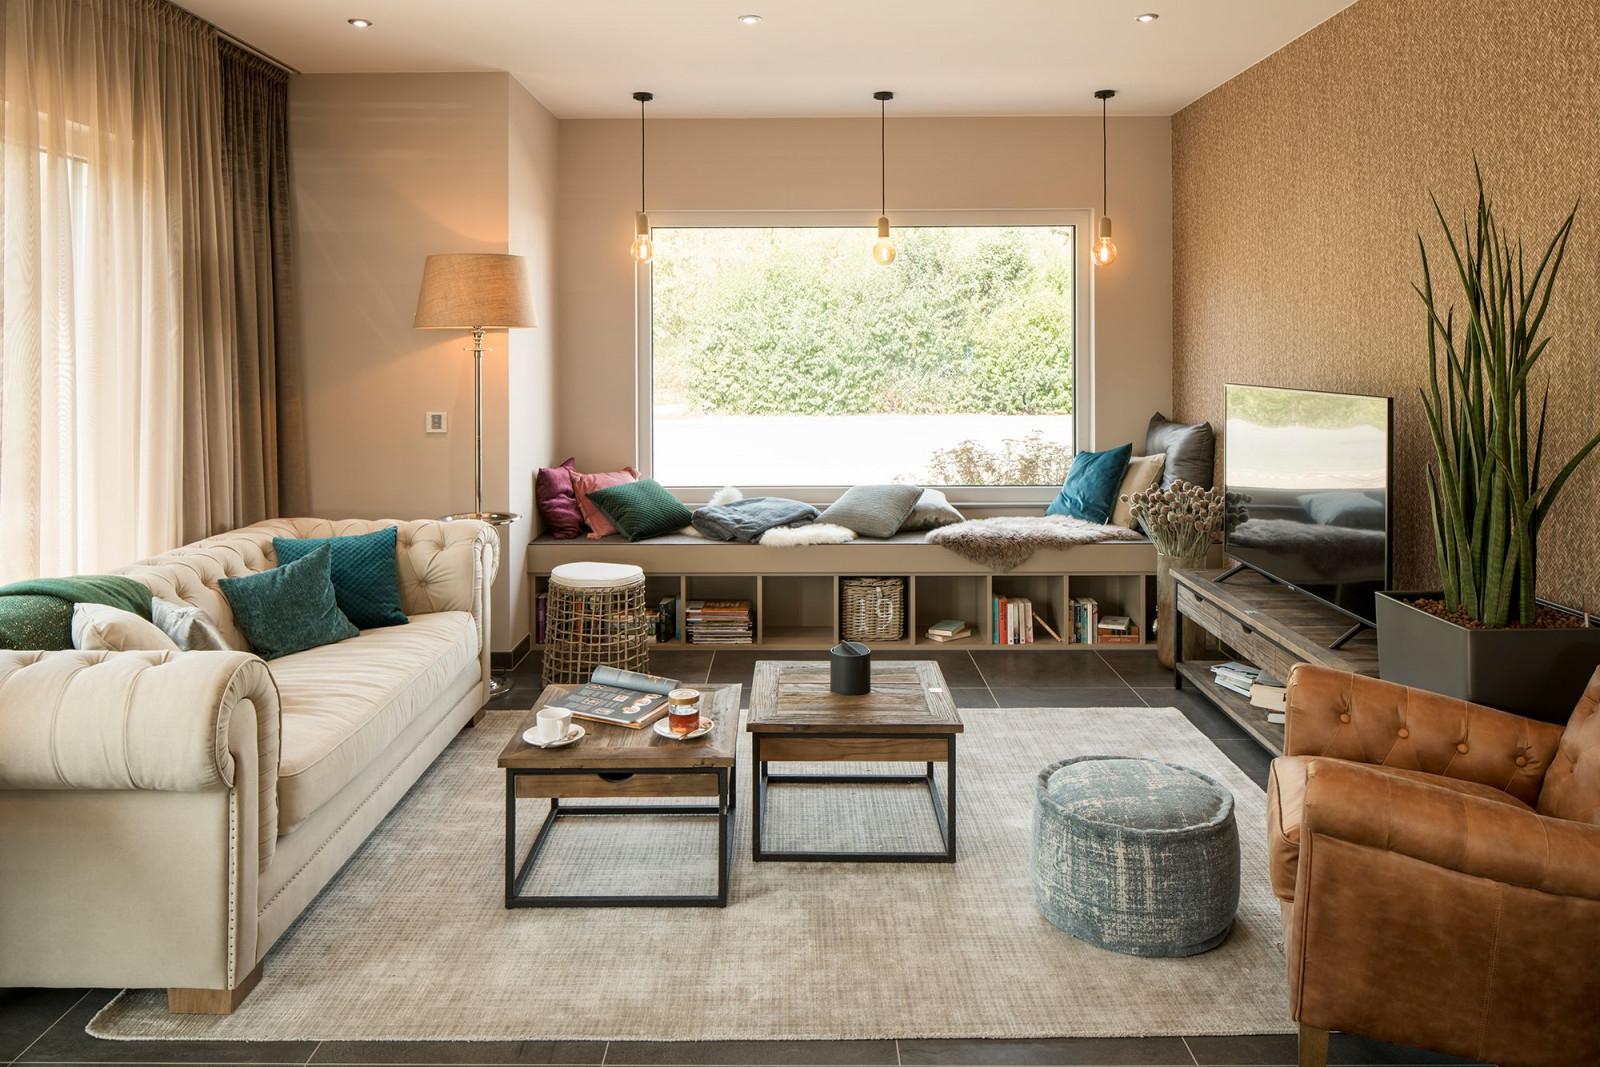 Wohnideen  Wohnzimmer In Beigetönen Mit von Wohnideen Bilder Wohnzimmer Photo